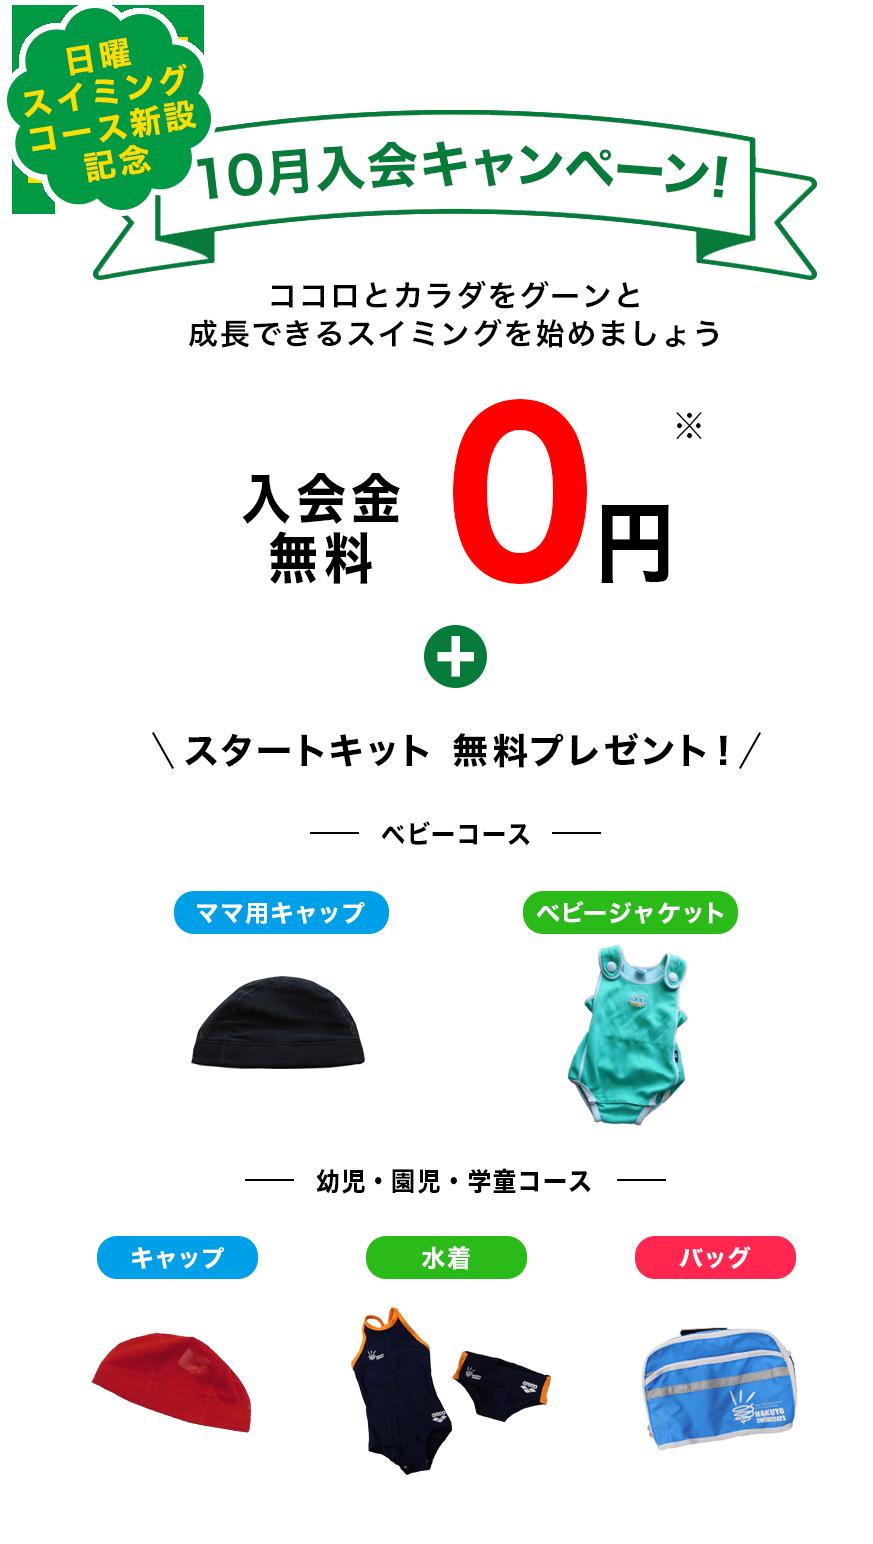 特典 入会金無料0円